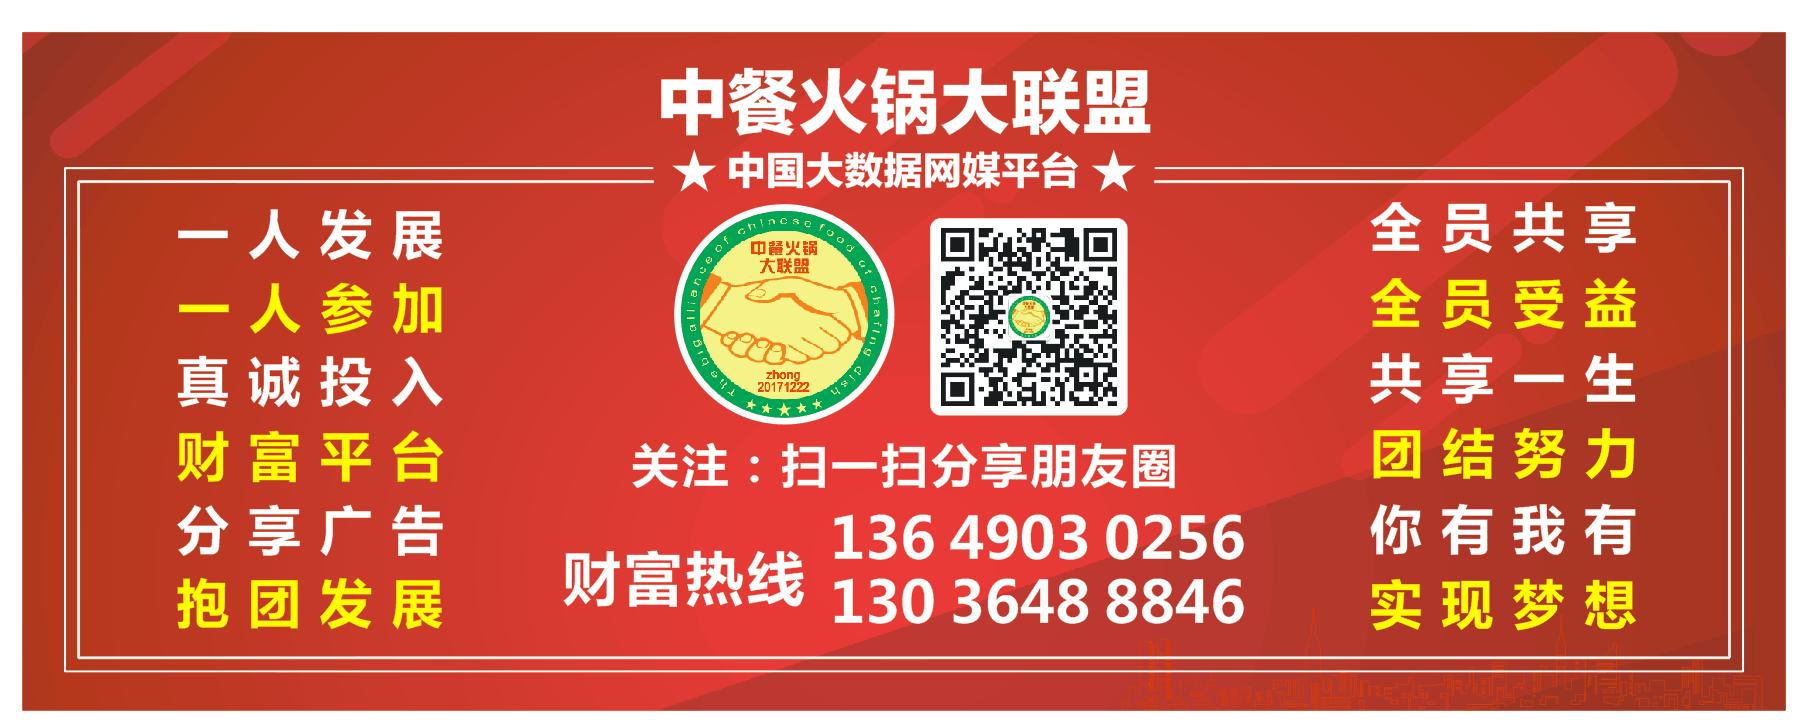 http://www.zongcanhuoguo.cn